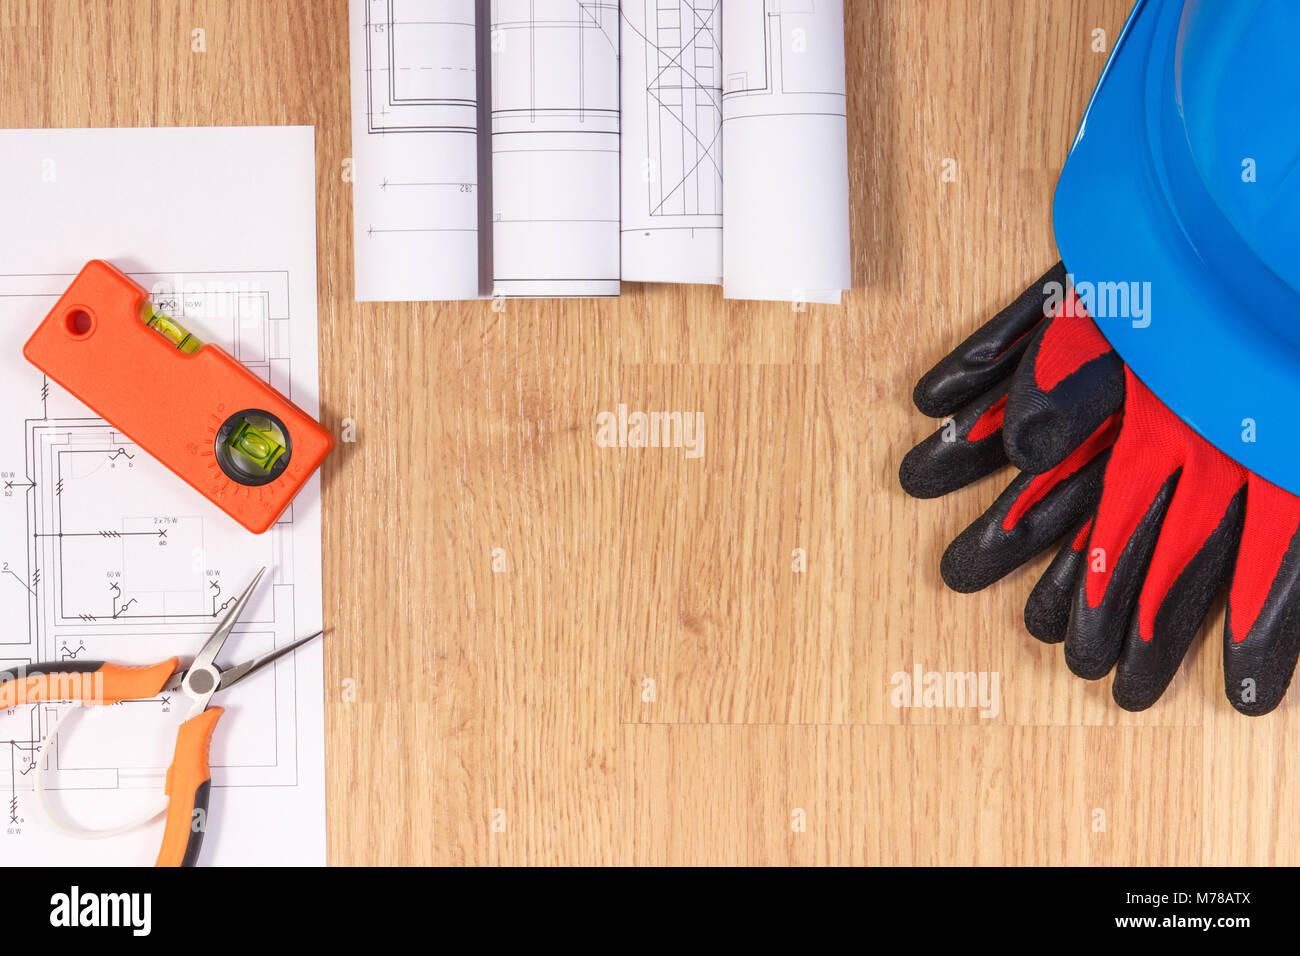 59d5639066c4e Des schémas ou des dessins de construction électrique, casque de protection  avec des gants et des outils de travail orange, accessoires pour  utilisation ...